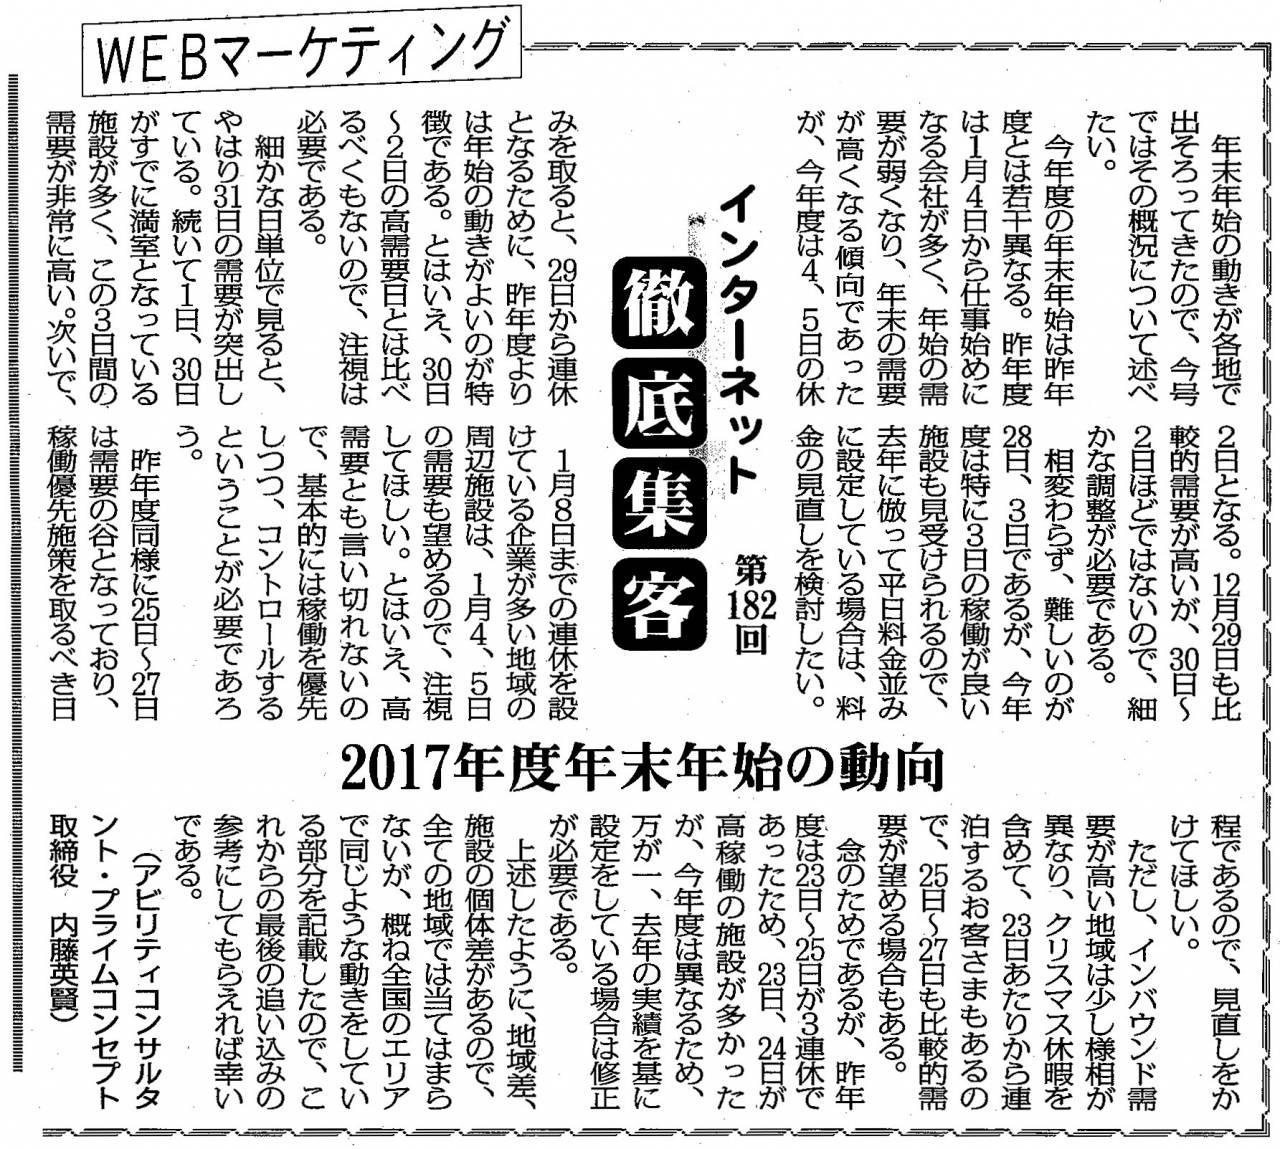 【第182回】WEBマーケティング インターネット徹底集客 (2017年度年末年始の動向)